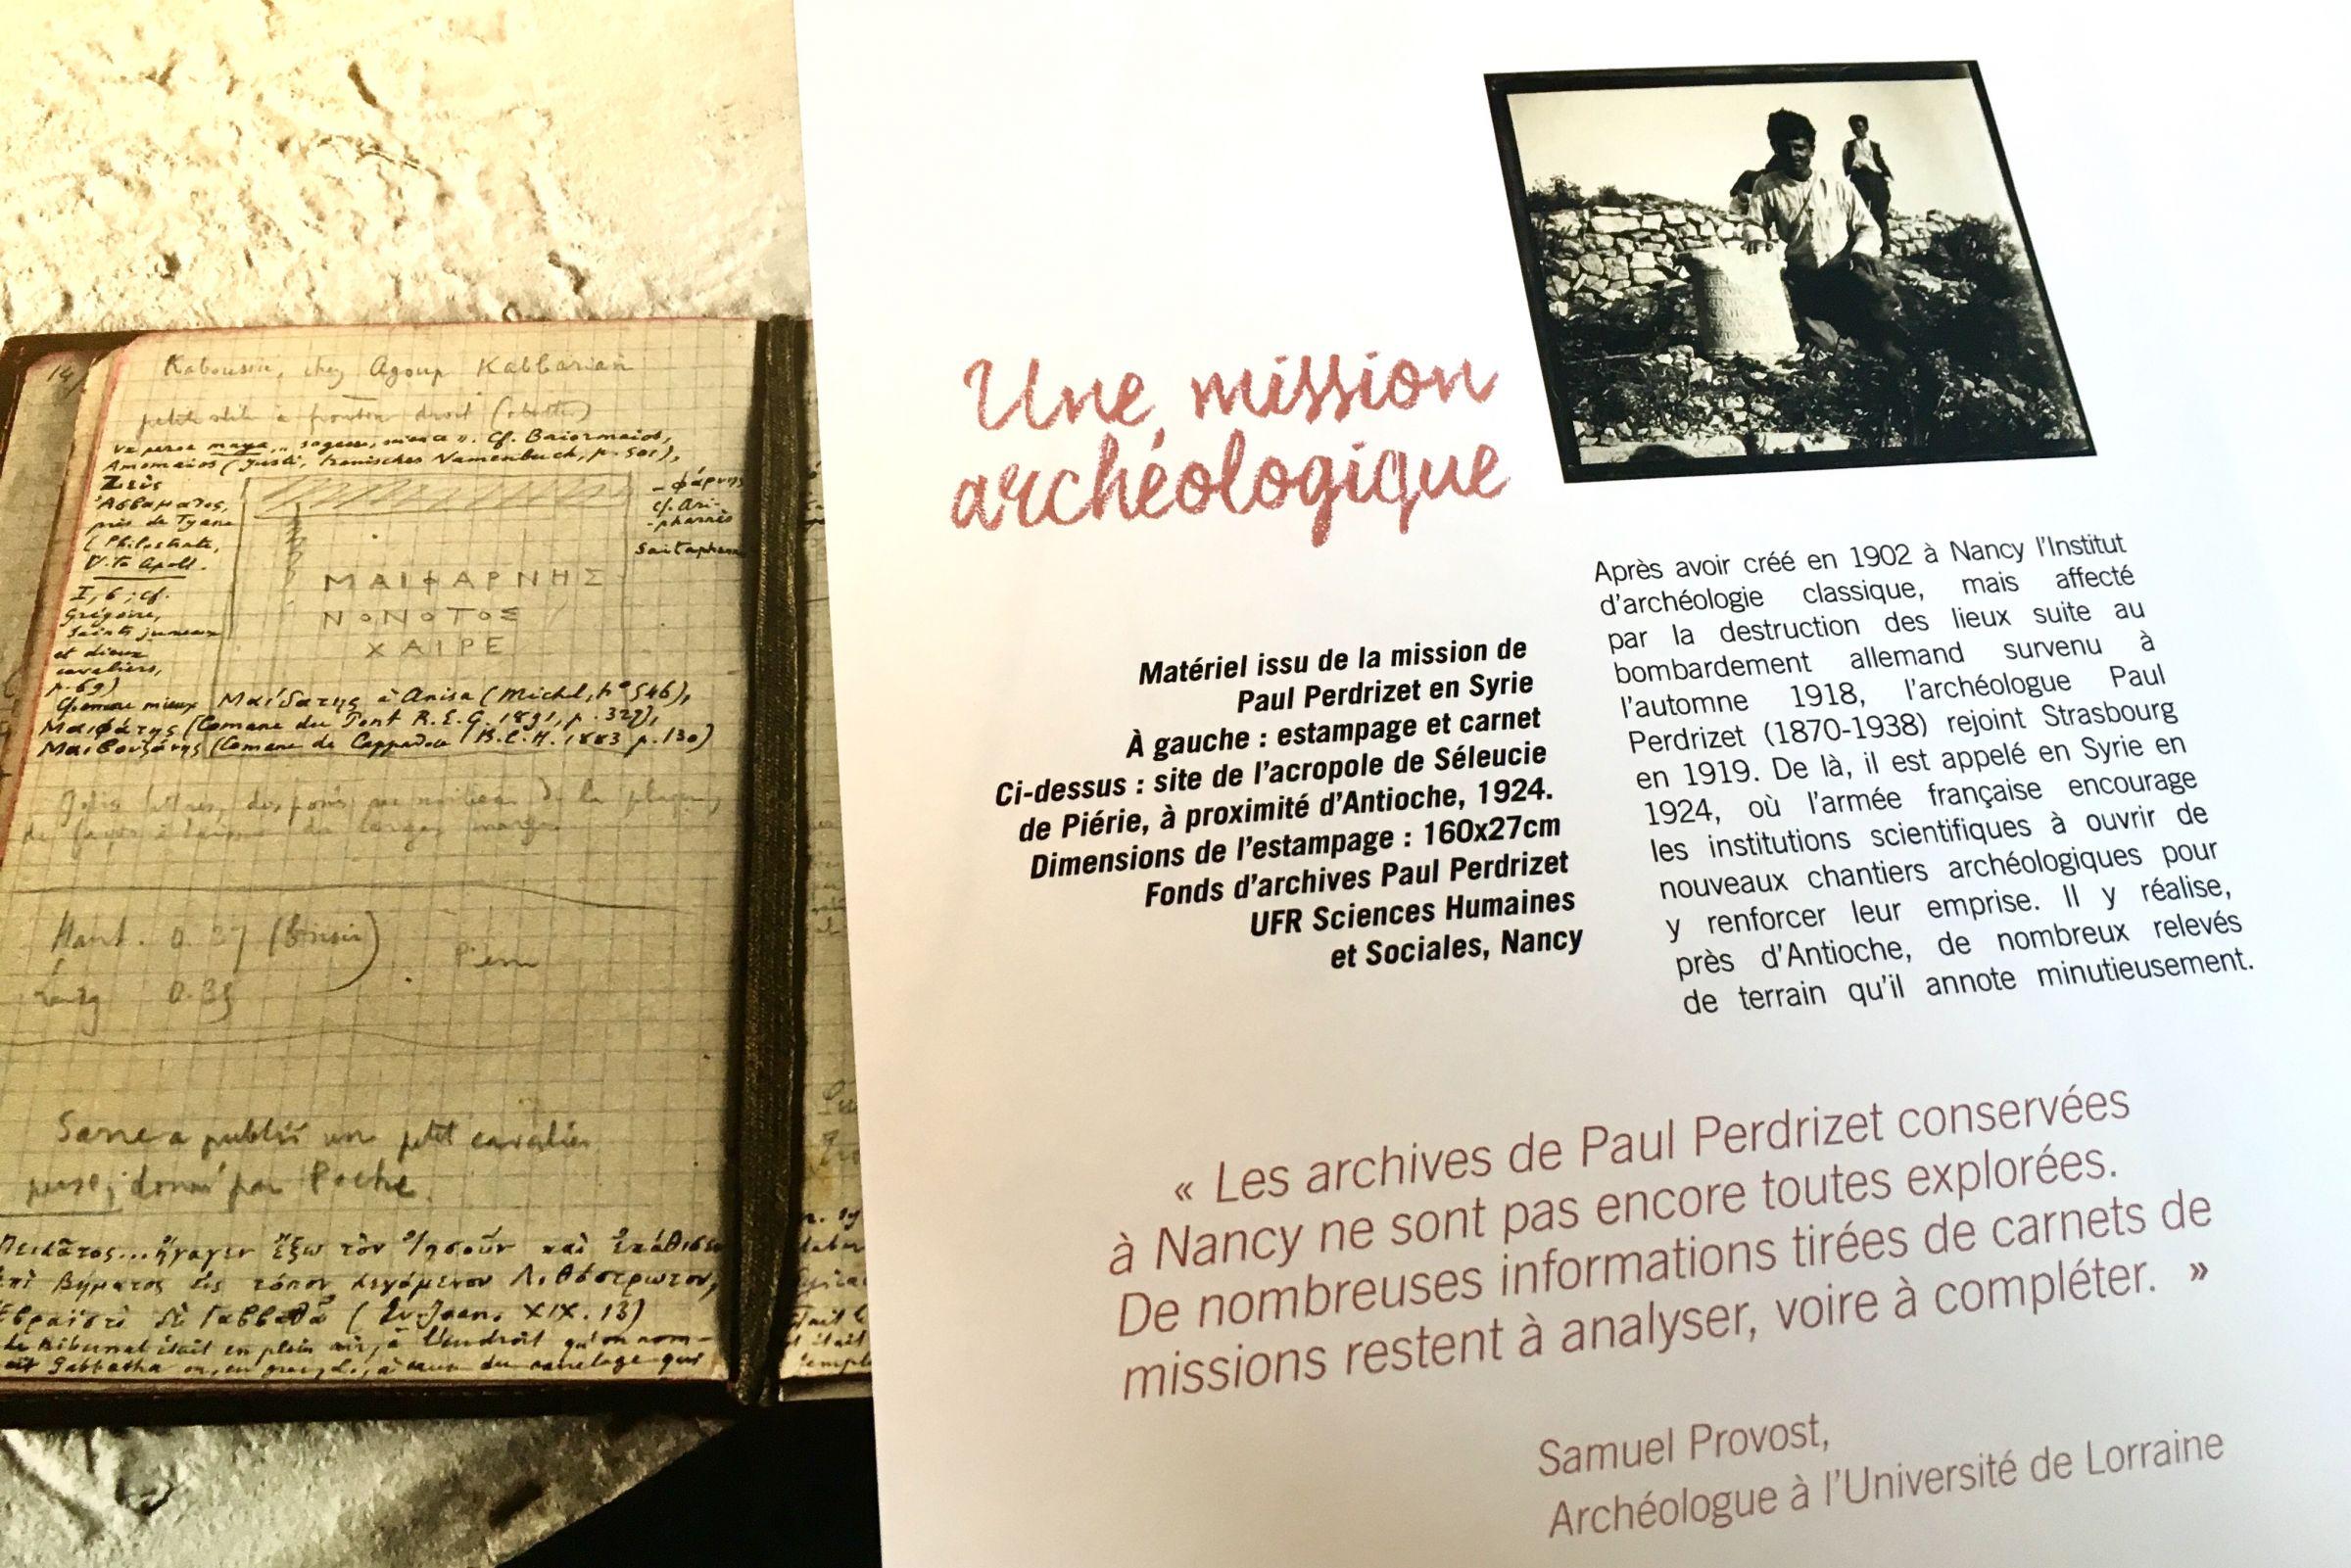 Loccasion Des Journes Art Et Culture Dans LEnseignement Suprieur JACES Les Collections Scientifiques De LUniversit Lorraine Sont Lobjet Dune